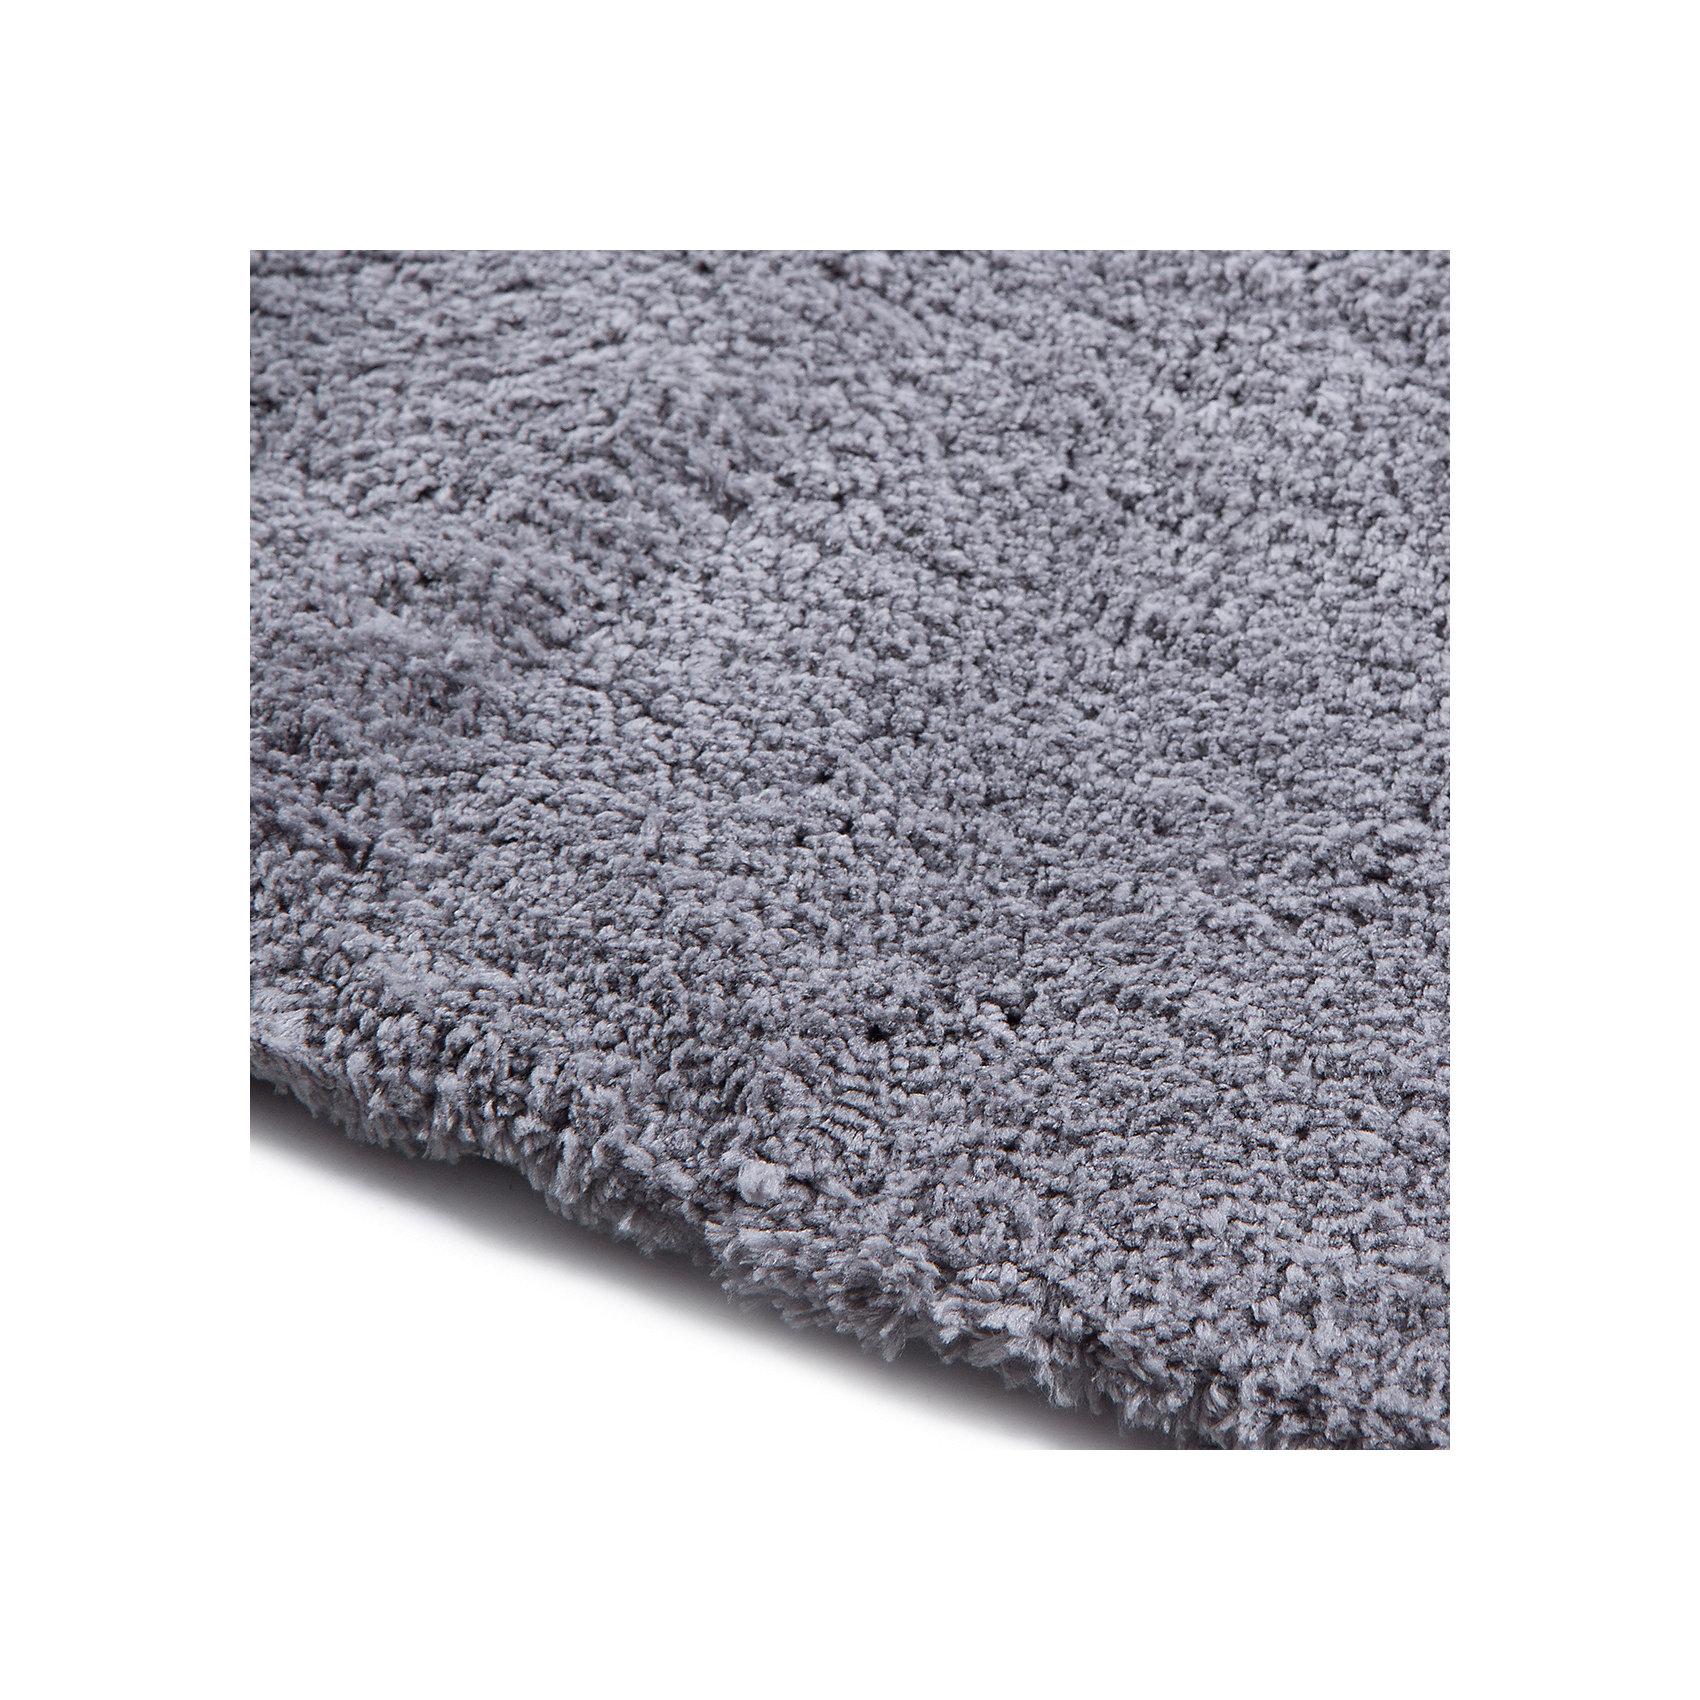 Ковёр Microfiber, лавсан, Amigo, серебрянно-серый, 0,8х1,5м. от myToys